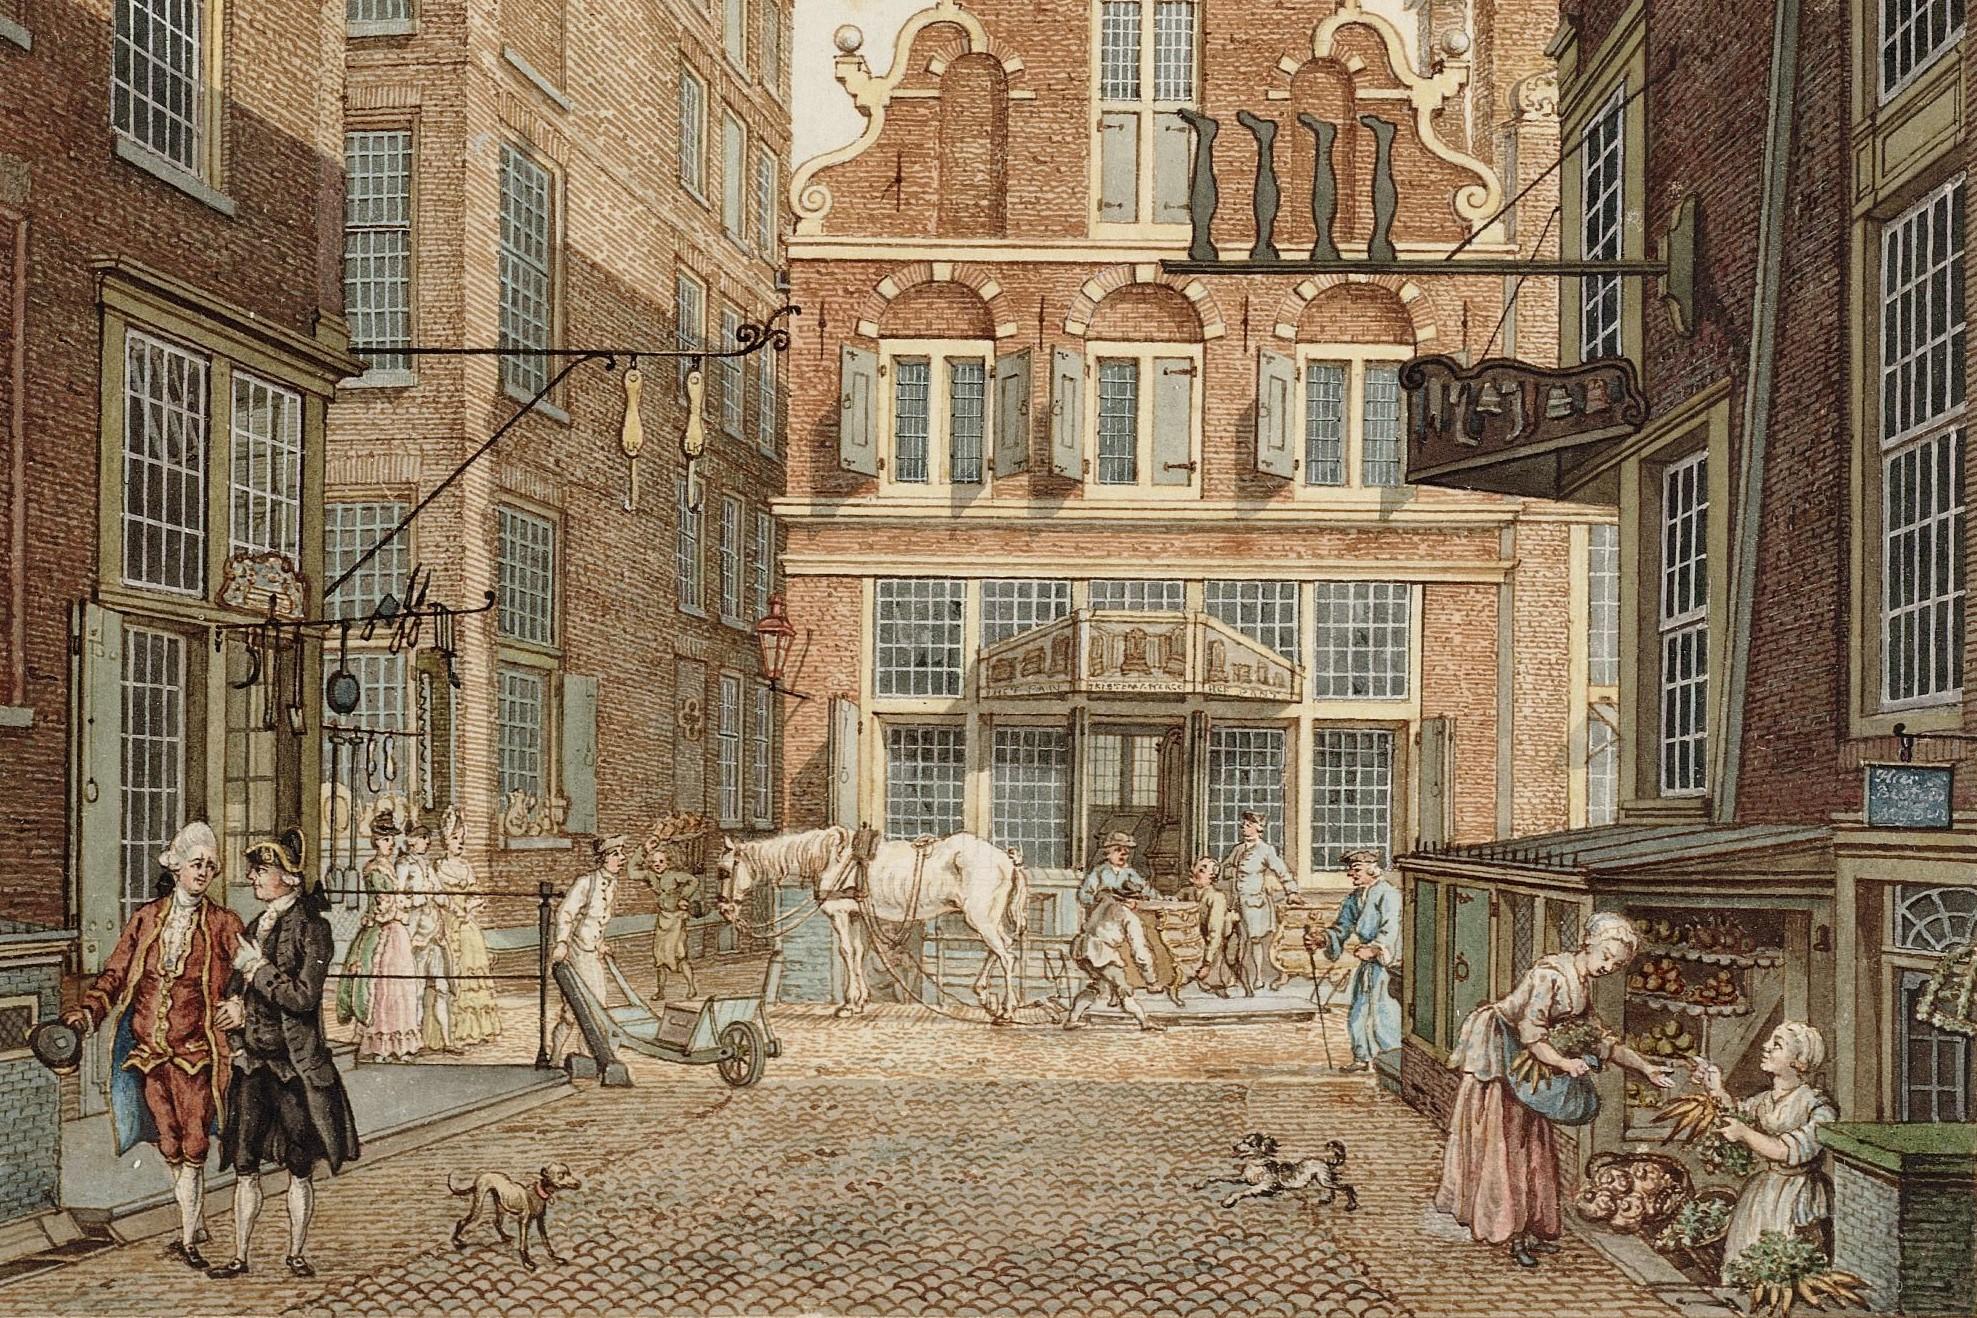 Heiligeweg gezien naar de Kalverstraat met links de ingang van de Olieslagerssteeg. In het hoekhuis links een winkel in ijzerwaren met als uithangteken twee schaatsen. In het tegenoverliggende hoekhuis rechts een kousenwinkel met in het souterrain een groentenwinkel. Stadsarchief Amsterdam / Schouten, H. P. (Herman, 1747-1822)